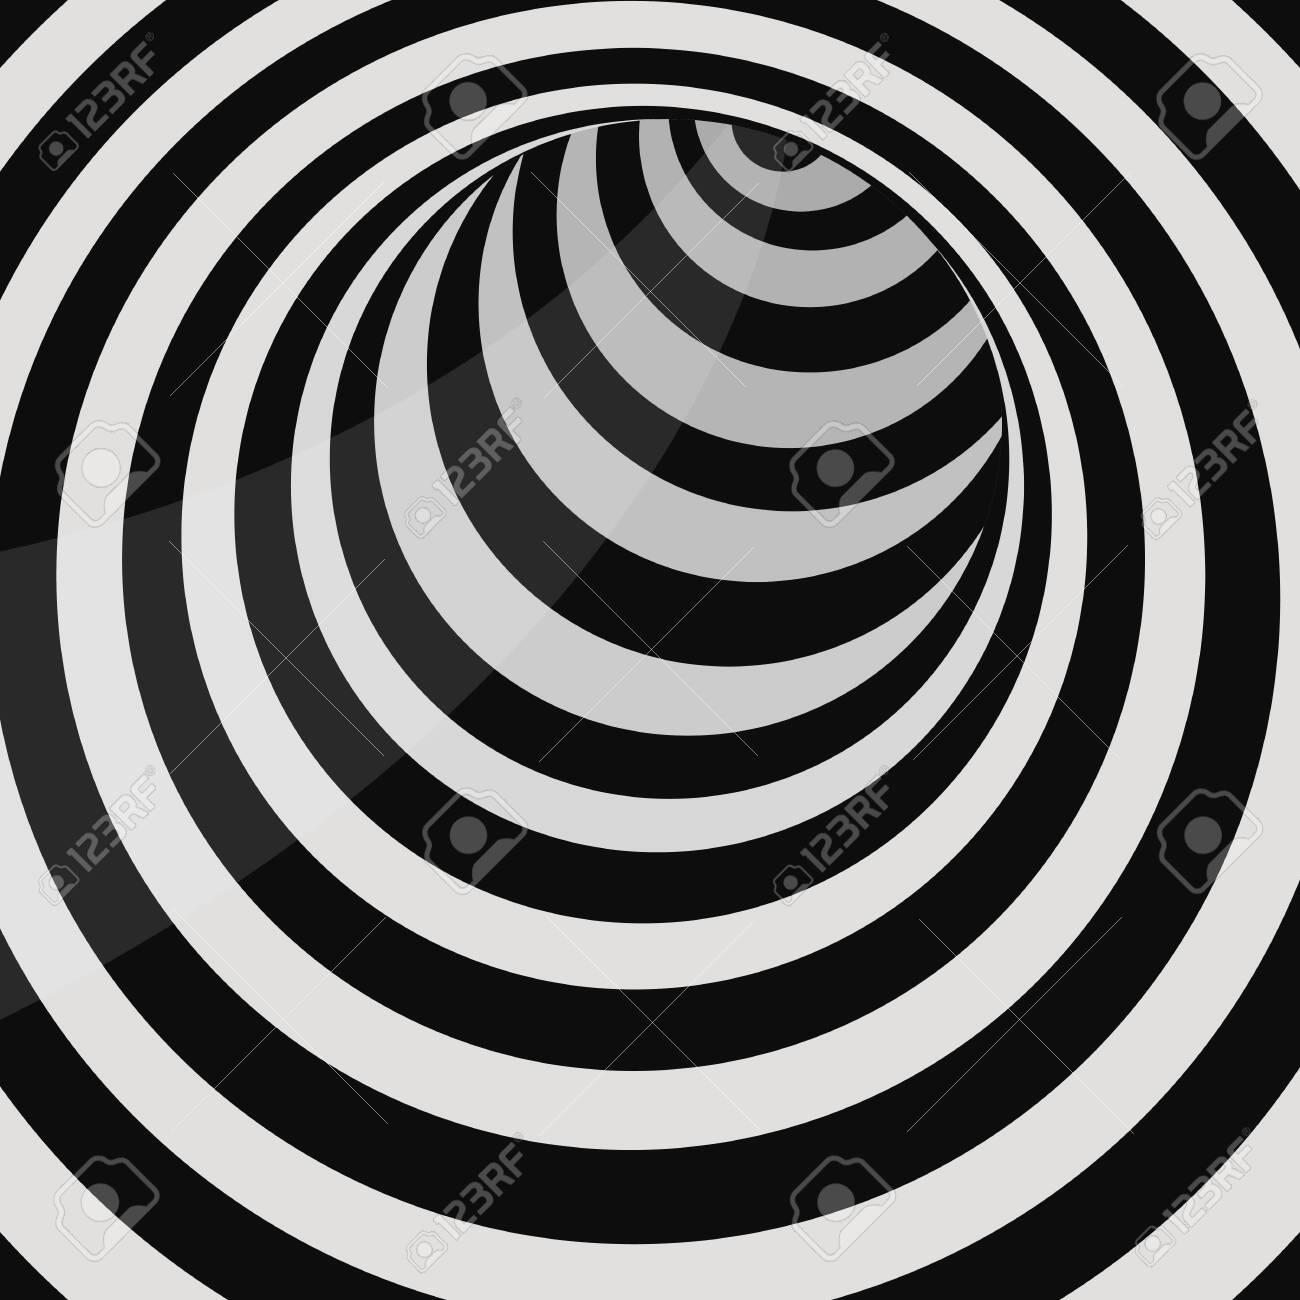 Futuristic circle tunnel vector design illustration - 151222275